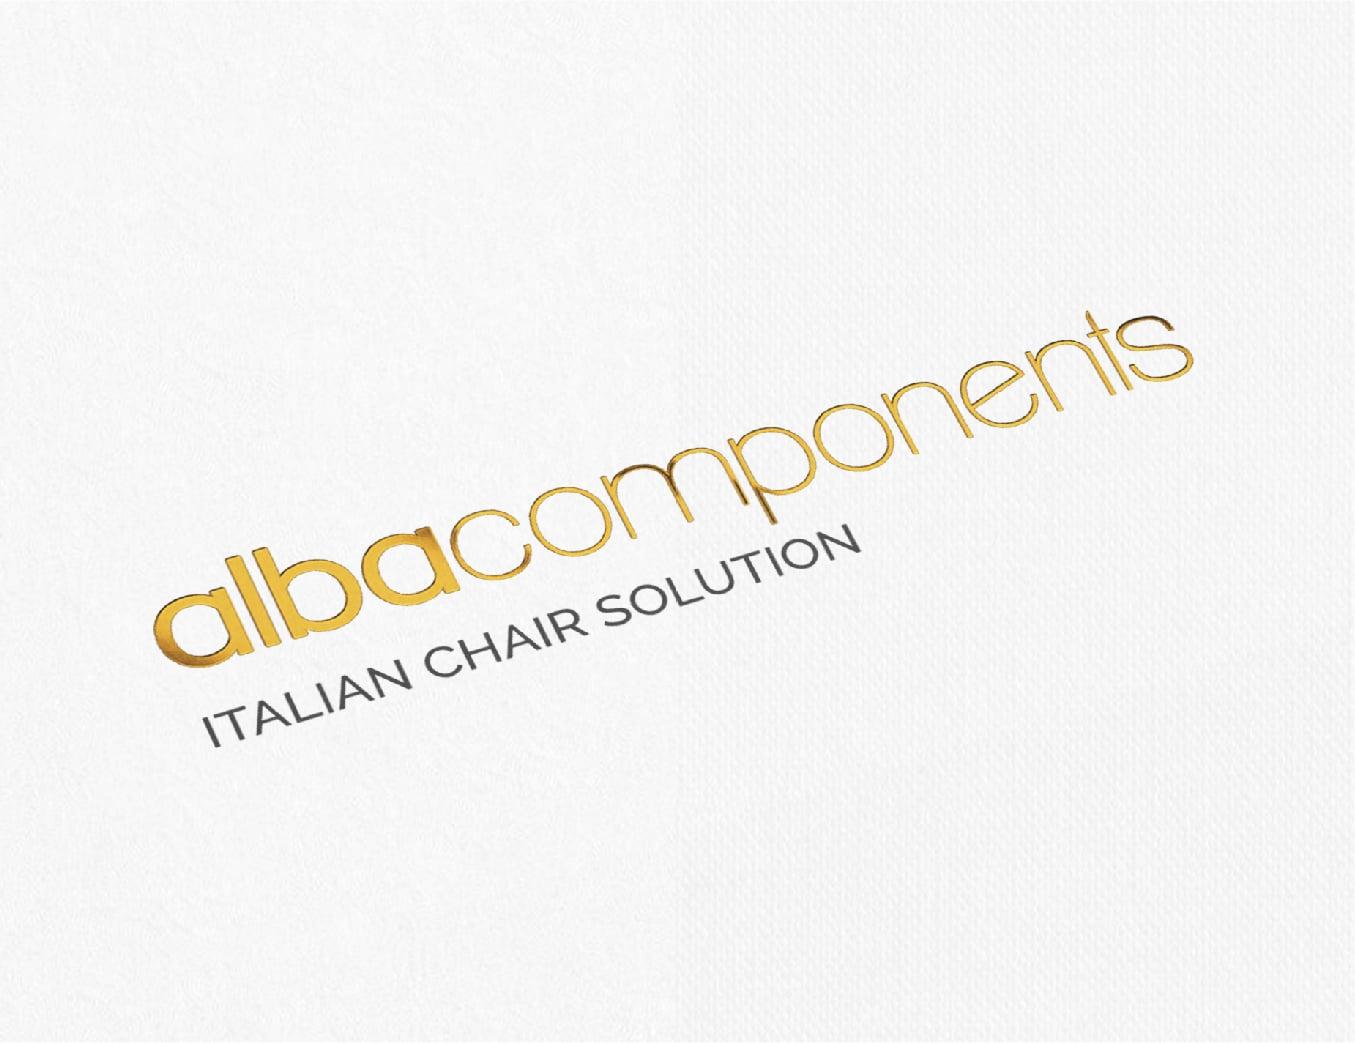 Metalmeccanica Alba